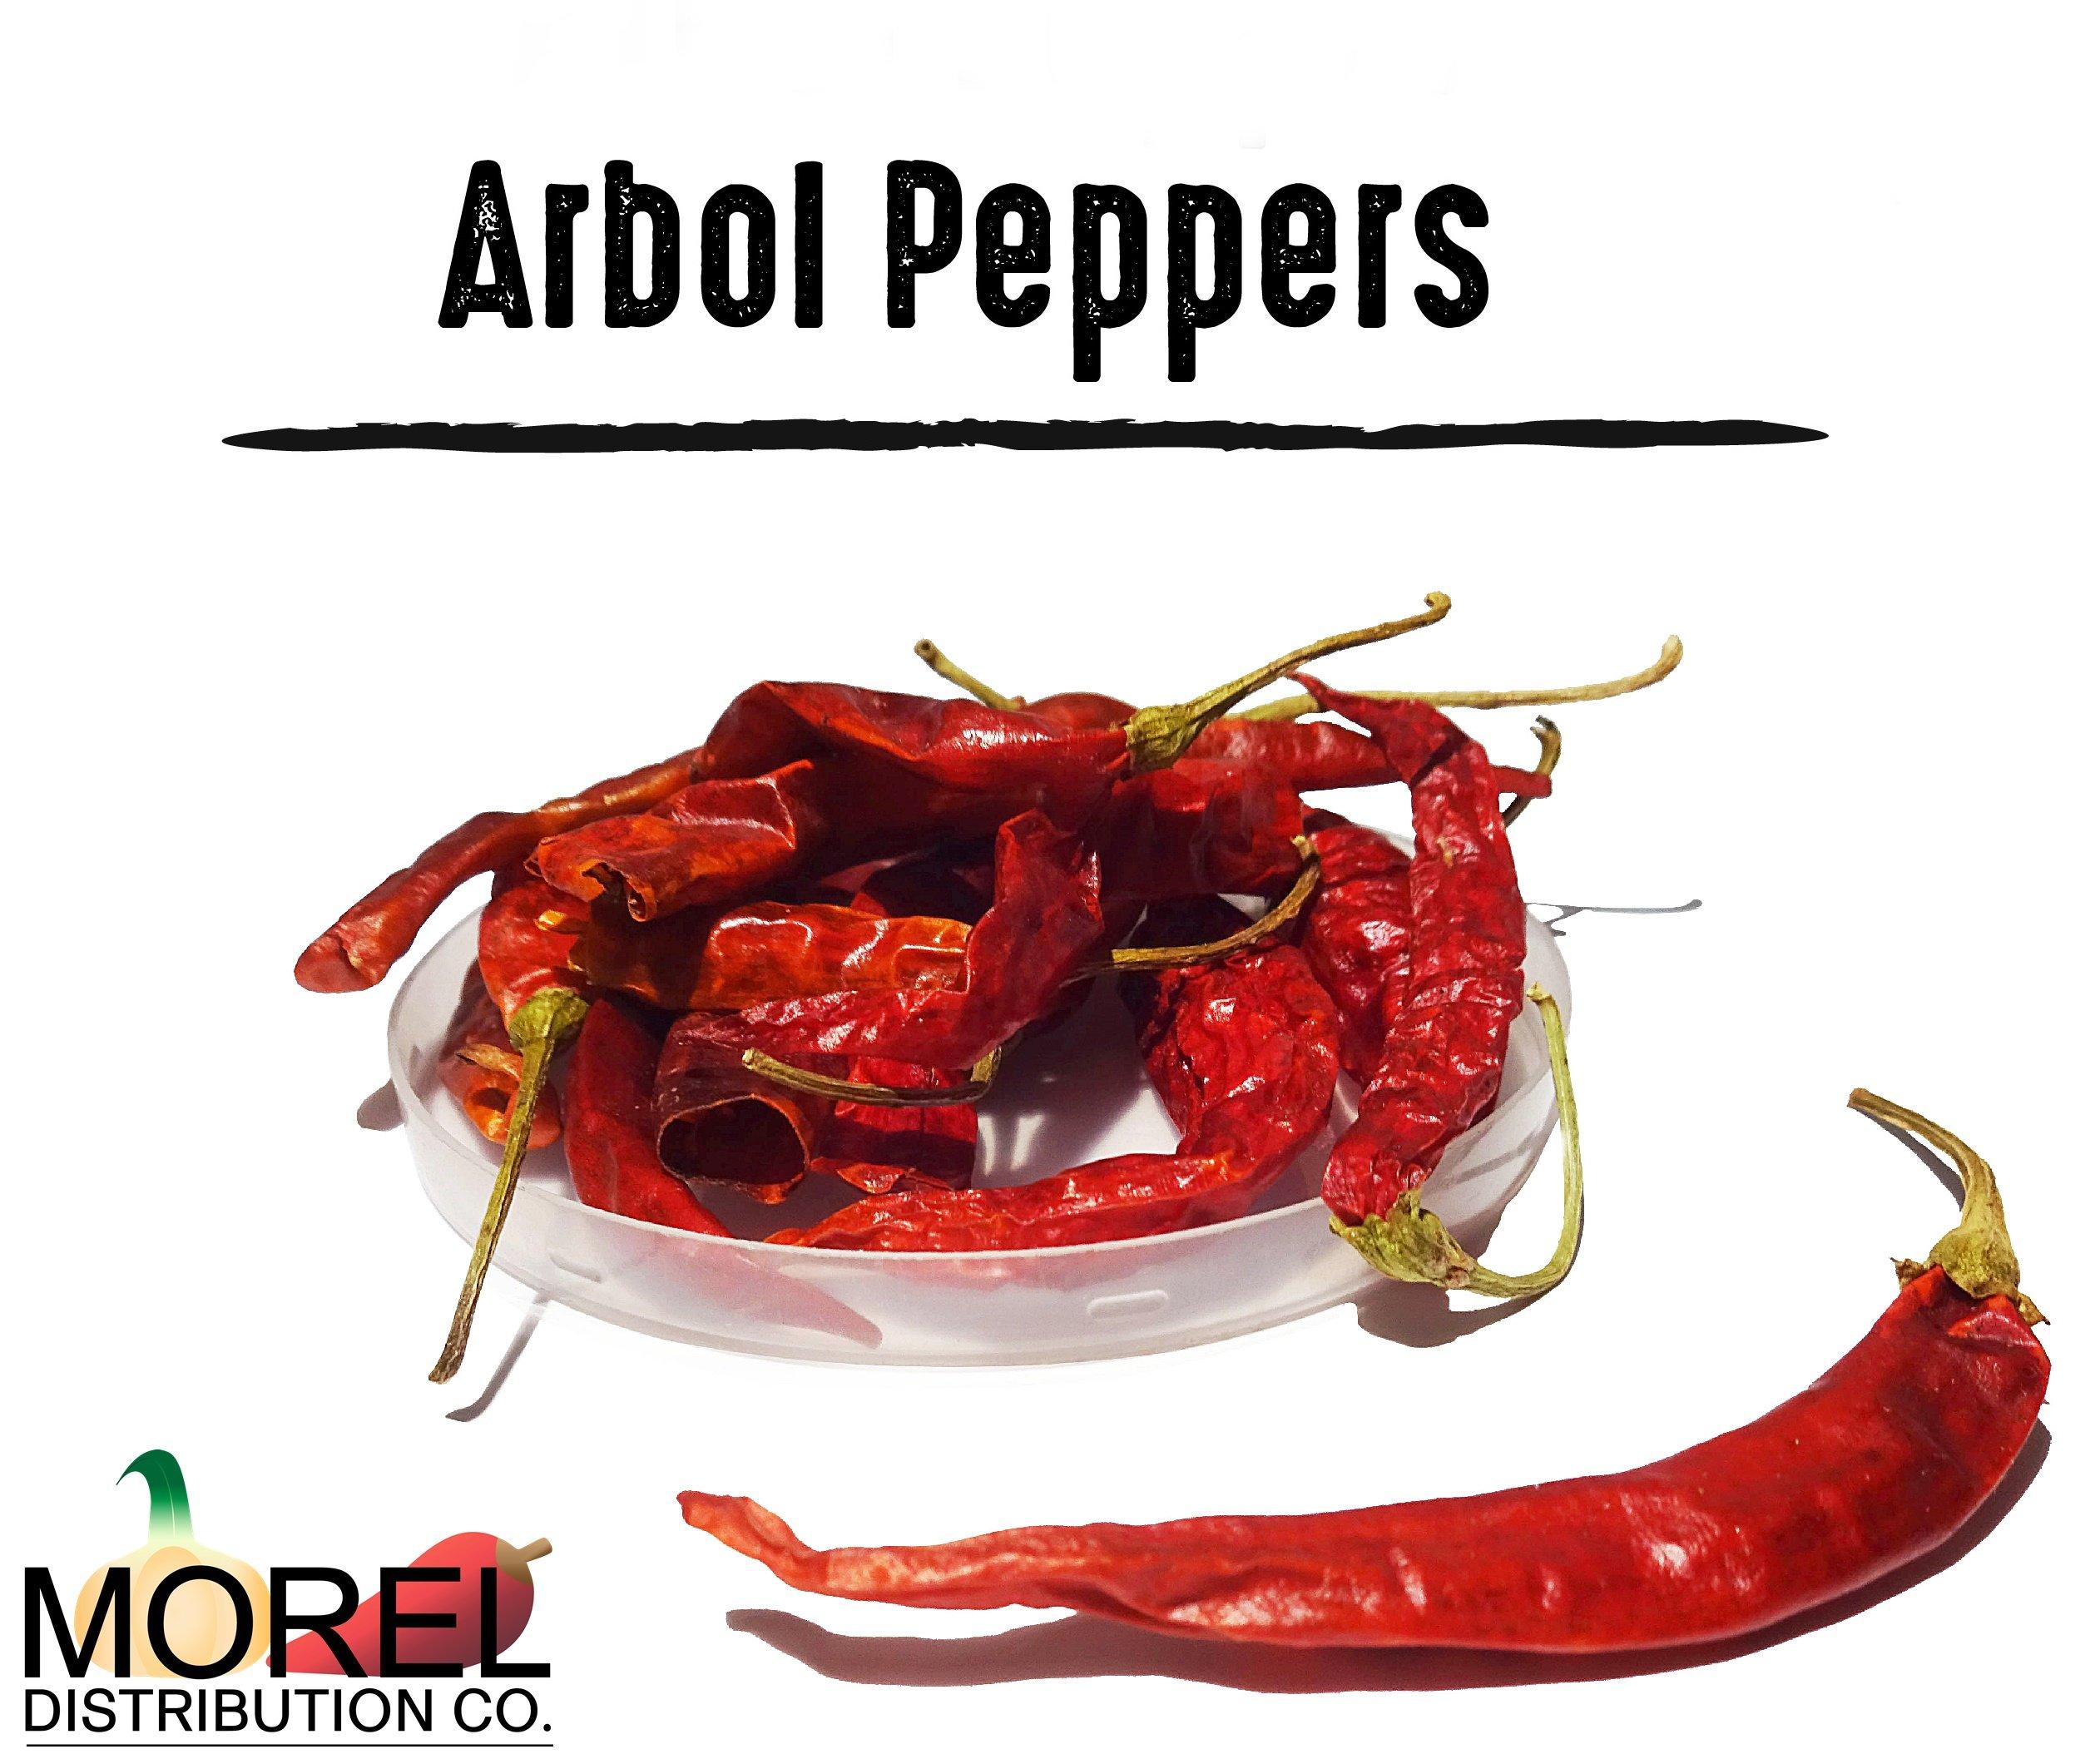 Dried Arbol Pepper (Chile De Arbol) WT: 2 Oz, 4 Oz, 8 Oz, 12 Oz, 1 Lb, 2 Lbs, 5 Lbs, and 10 Lbs! (5 LBS)